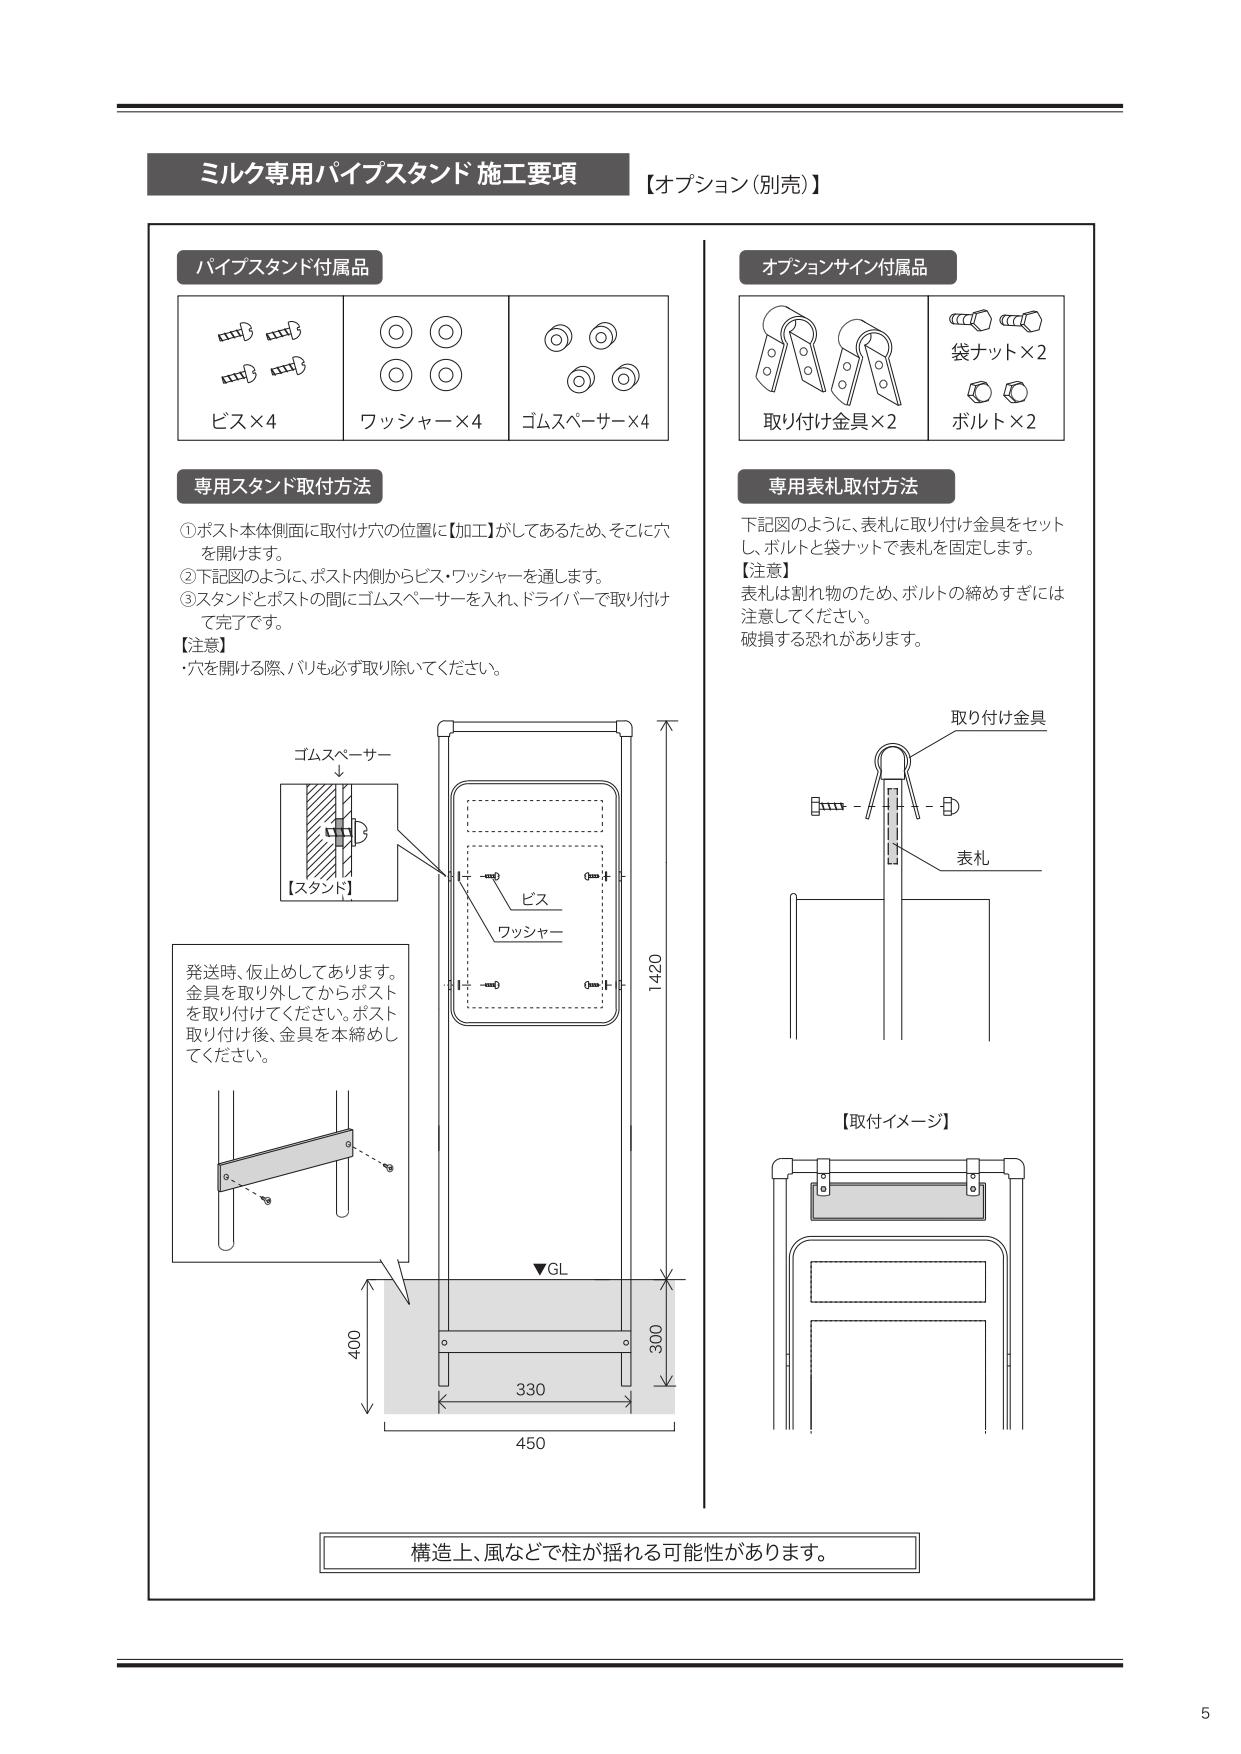 ミルク 施工説明書_page-0005